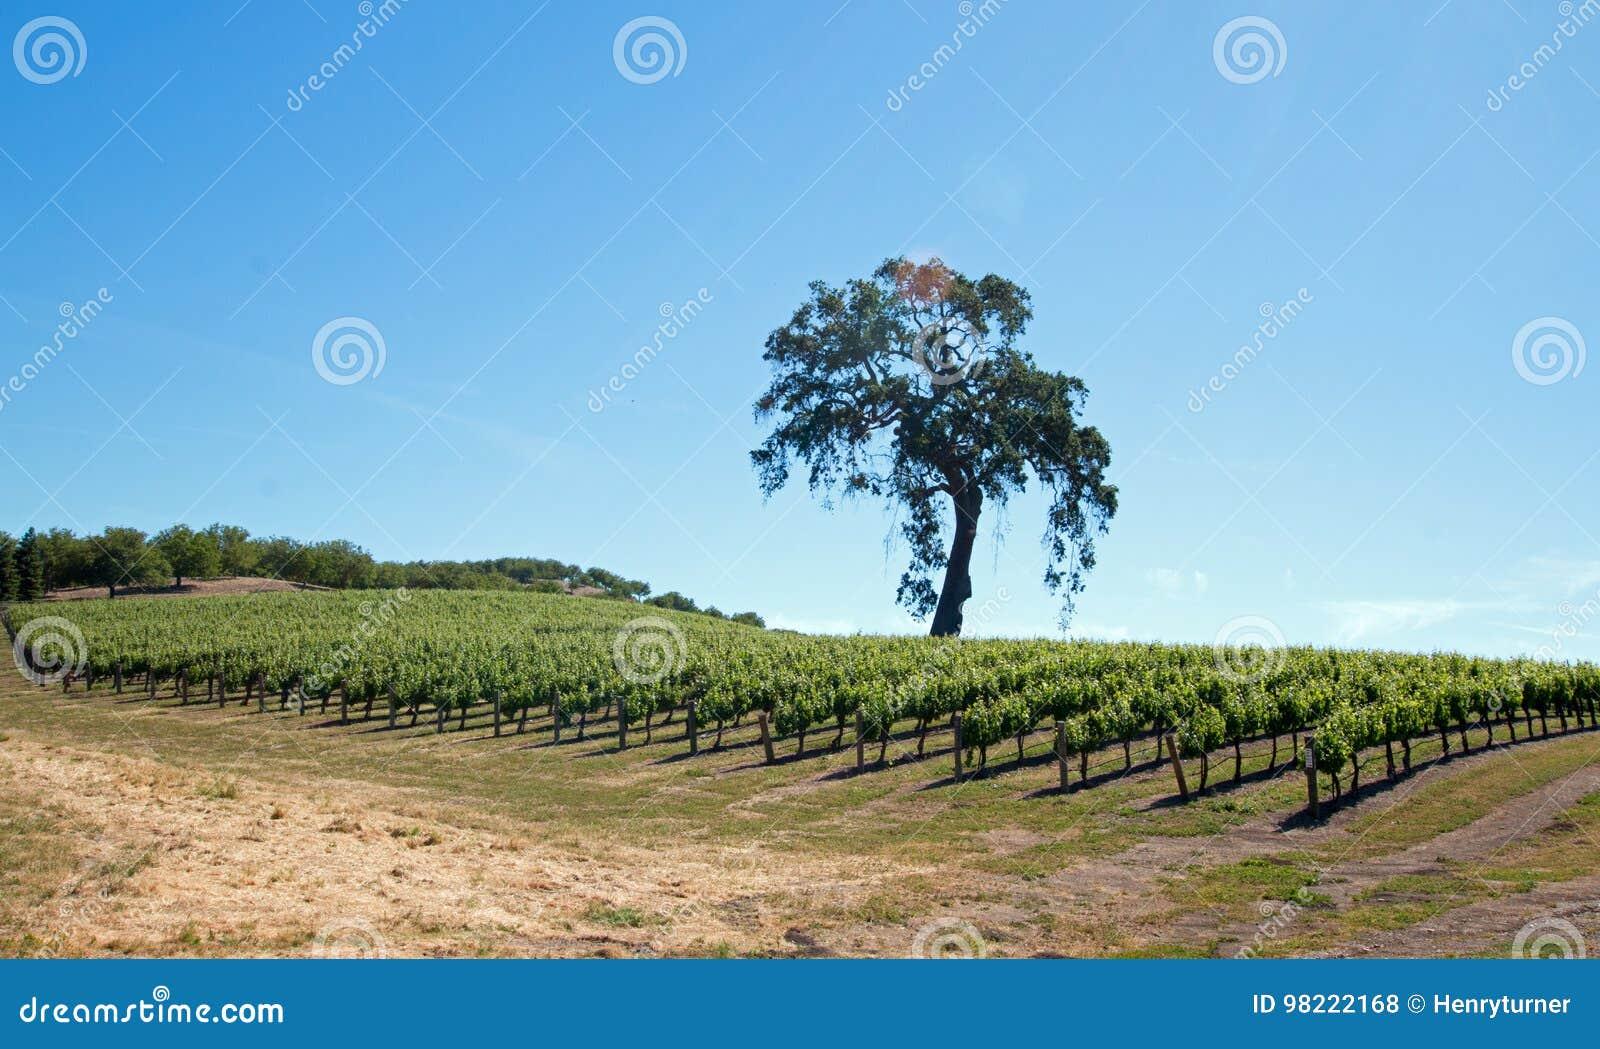 De Eiken Boom van Californië in wijngaarden onder blauwe hemel in de wijnland van Paso Robles in Centraal Californië de V.S.